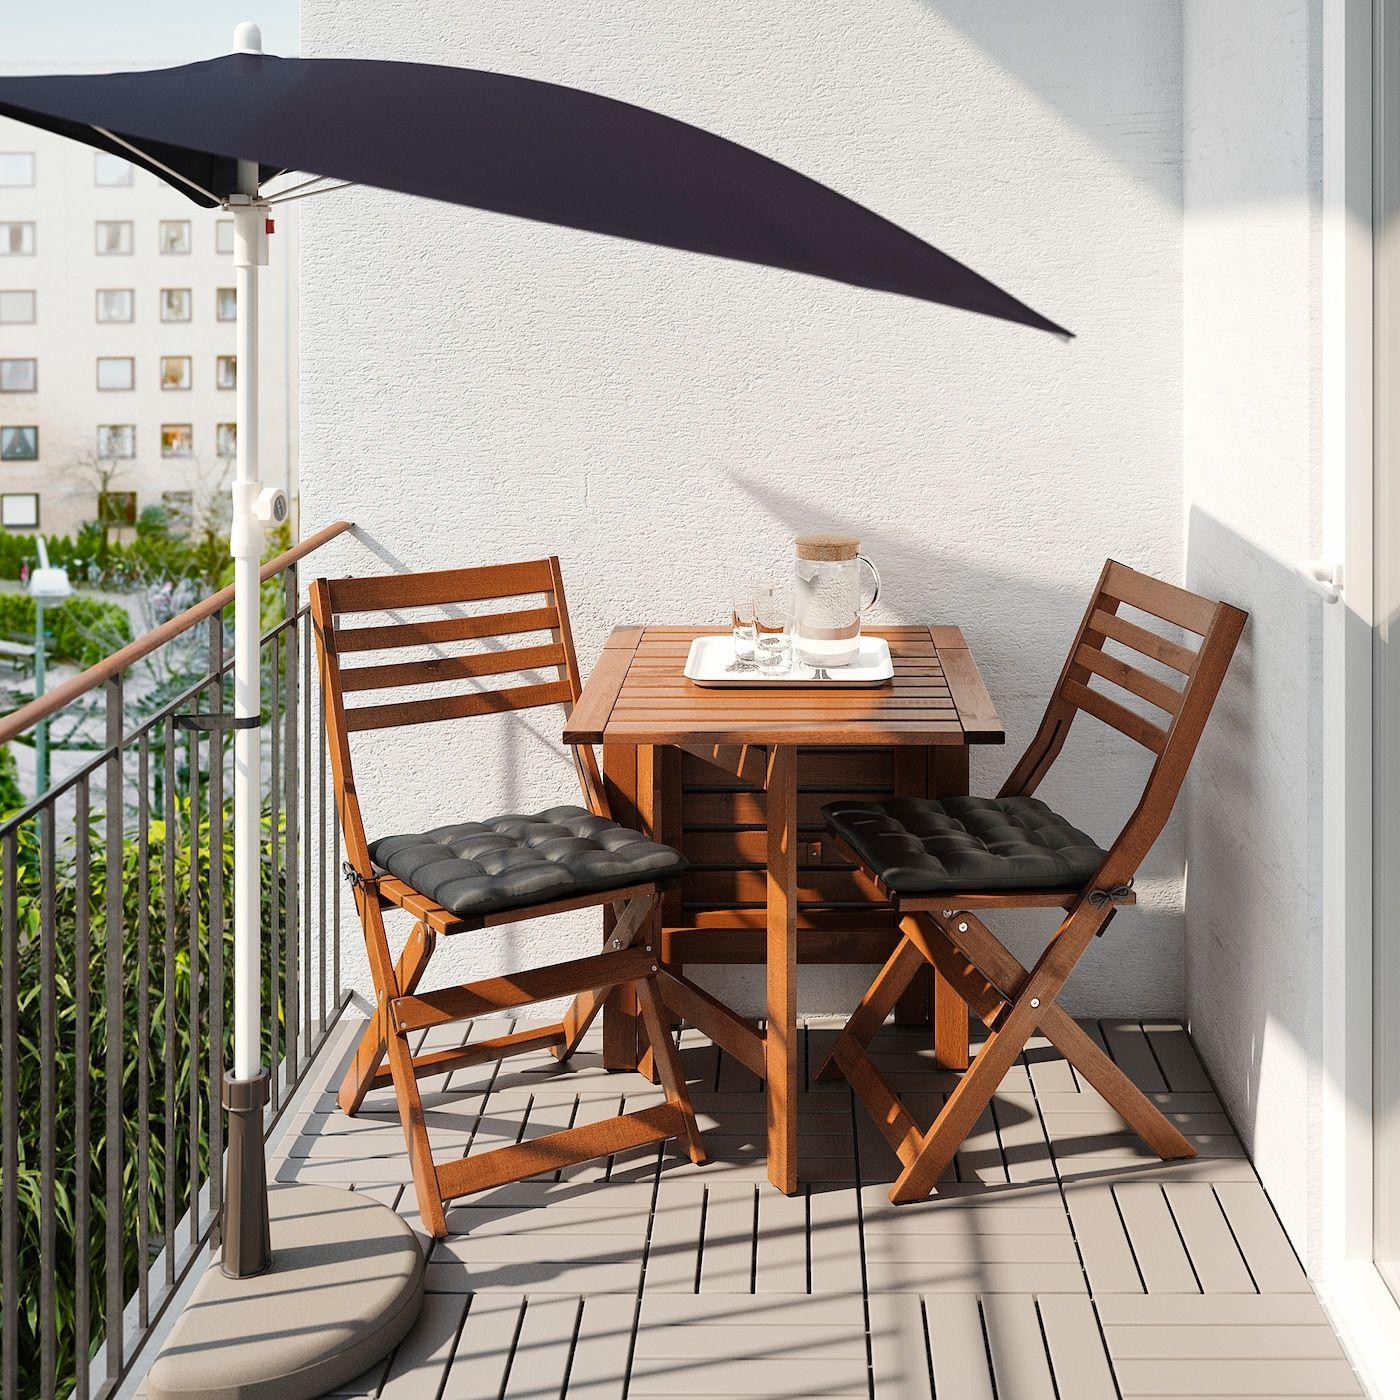 Full Size of Bramsn Flis Sonnenschirm Mit Stnder Schwarz Ikea Miniküche Küche Kaufen Sofa Schlaffunktion Paravent Garten Modulküche Betten 160x200 Kosten Bei Wohnzimmer Paravent Balkon Ikea